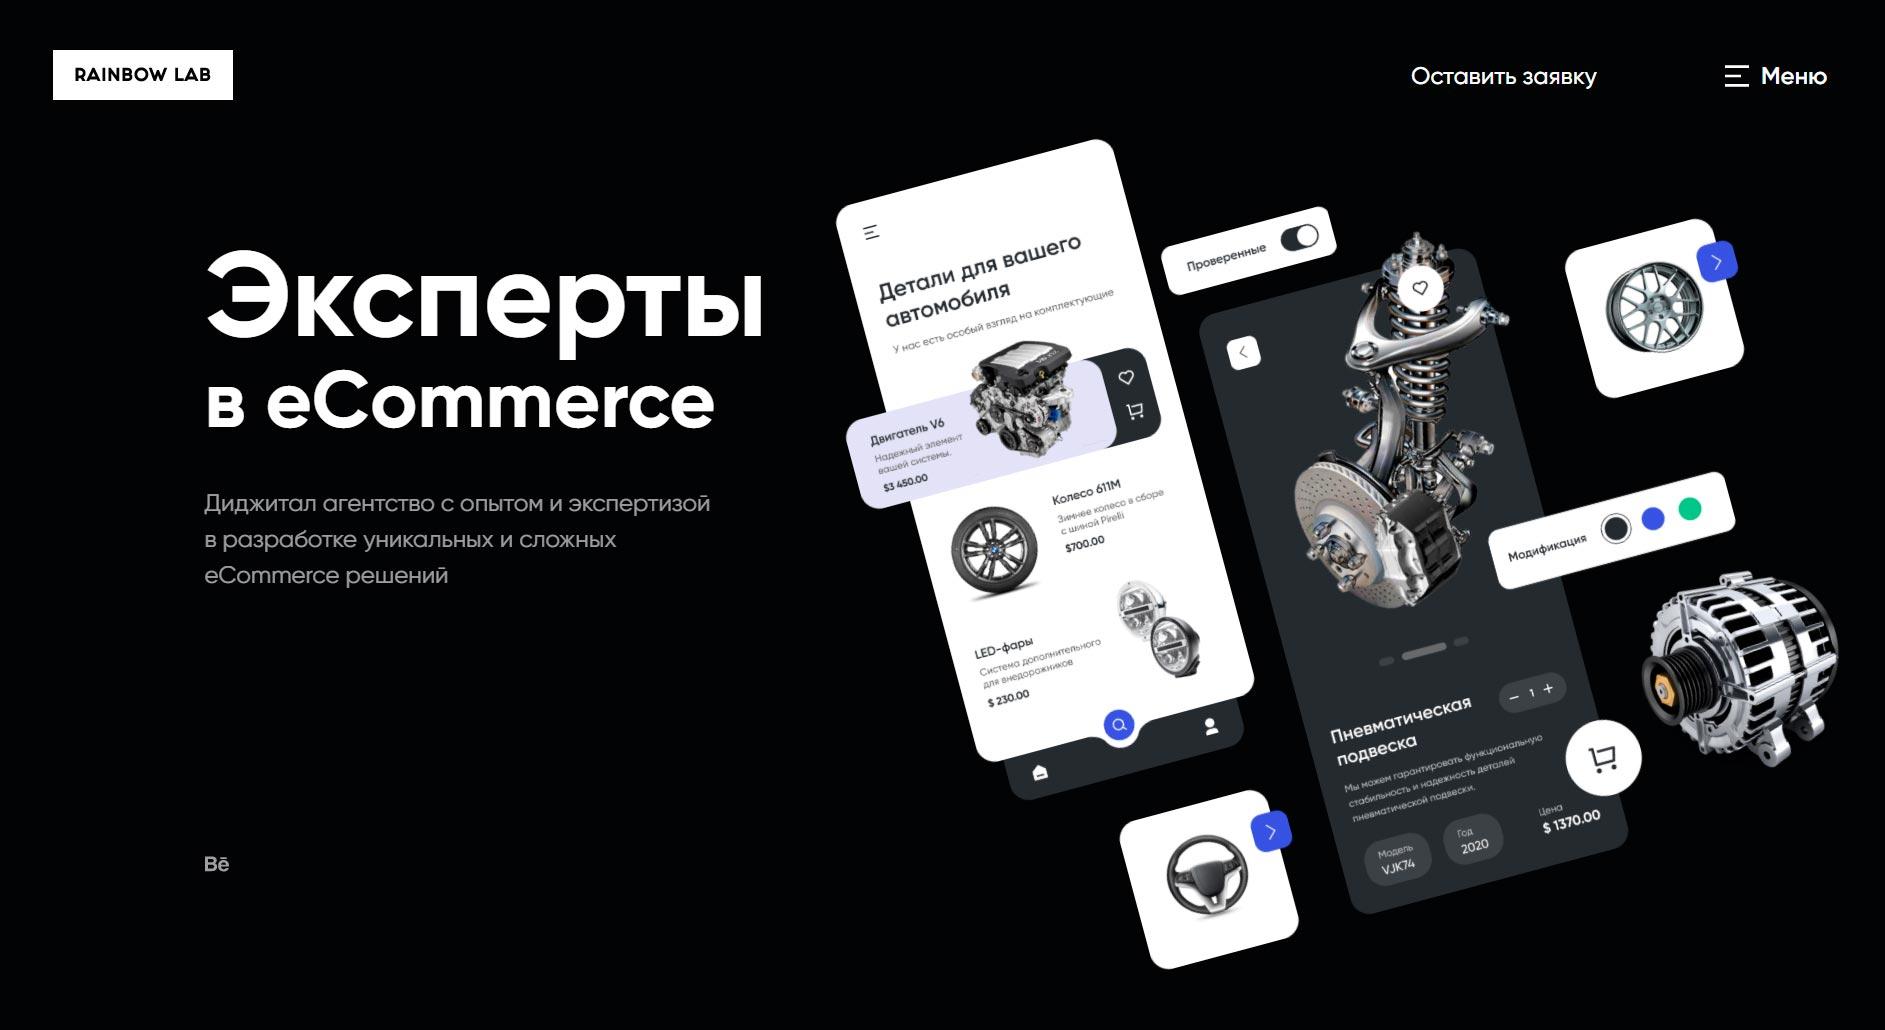 Rainbow Lab - обзор компании, услуги, отзывы, клиенты, Фото № 1 - google-seo.pro